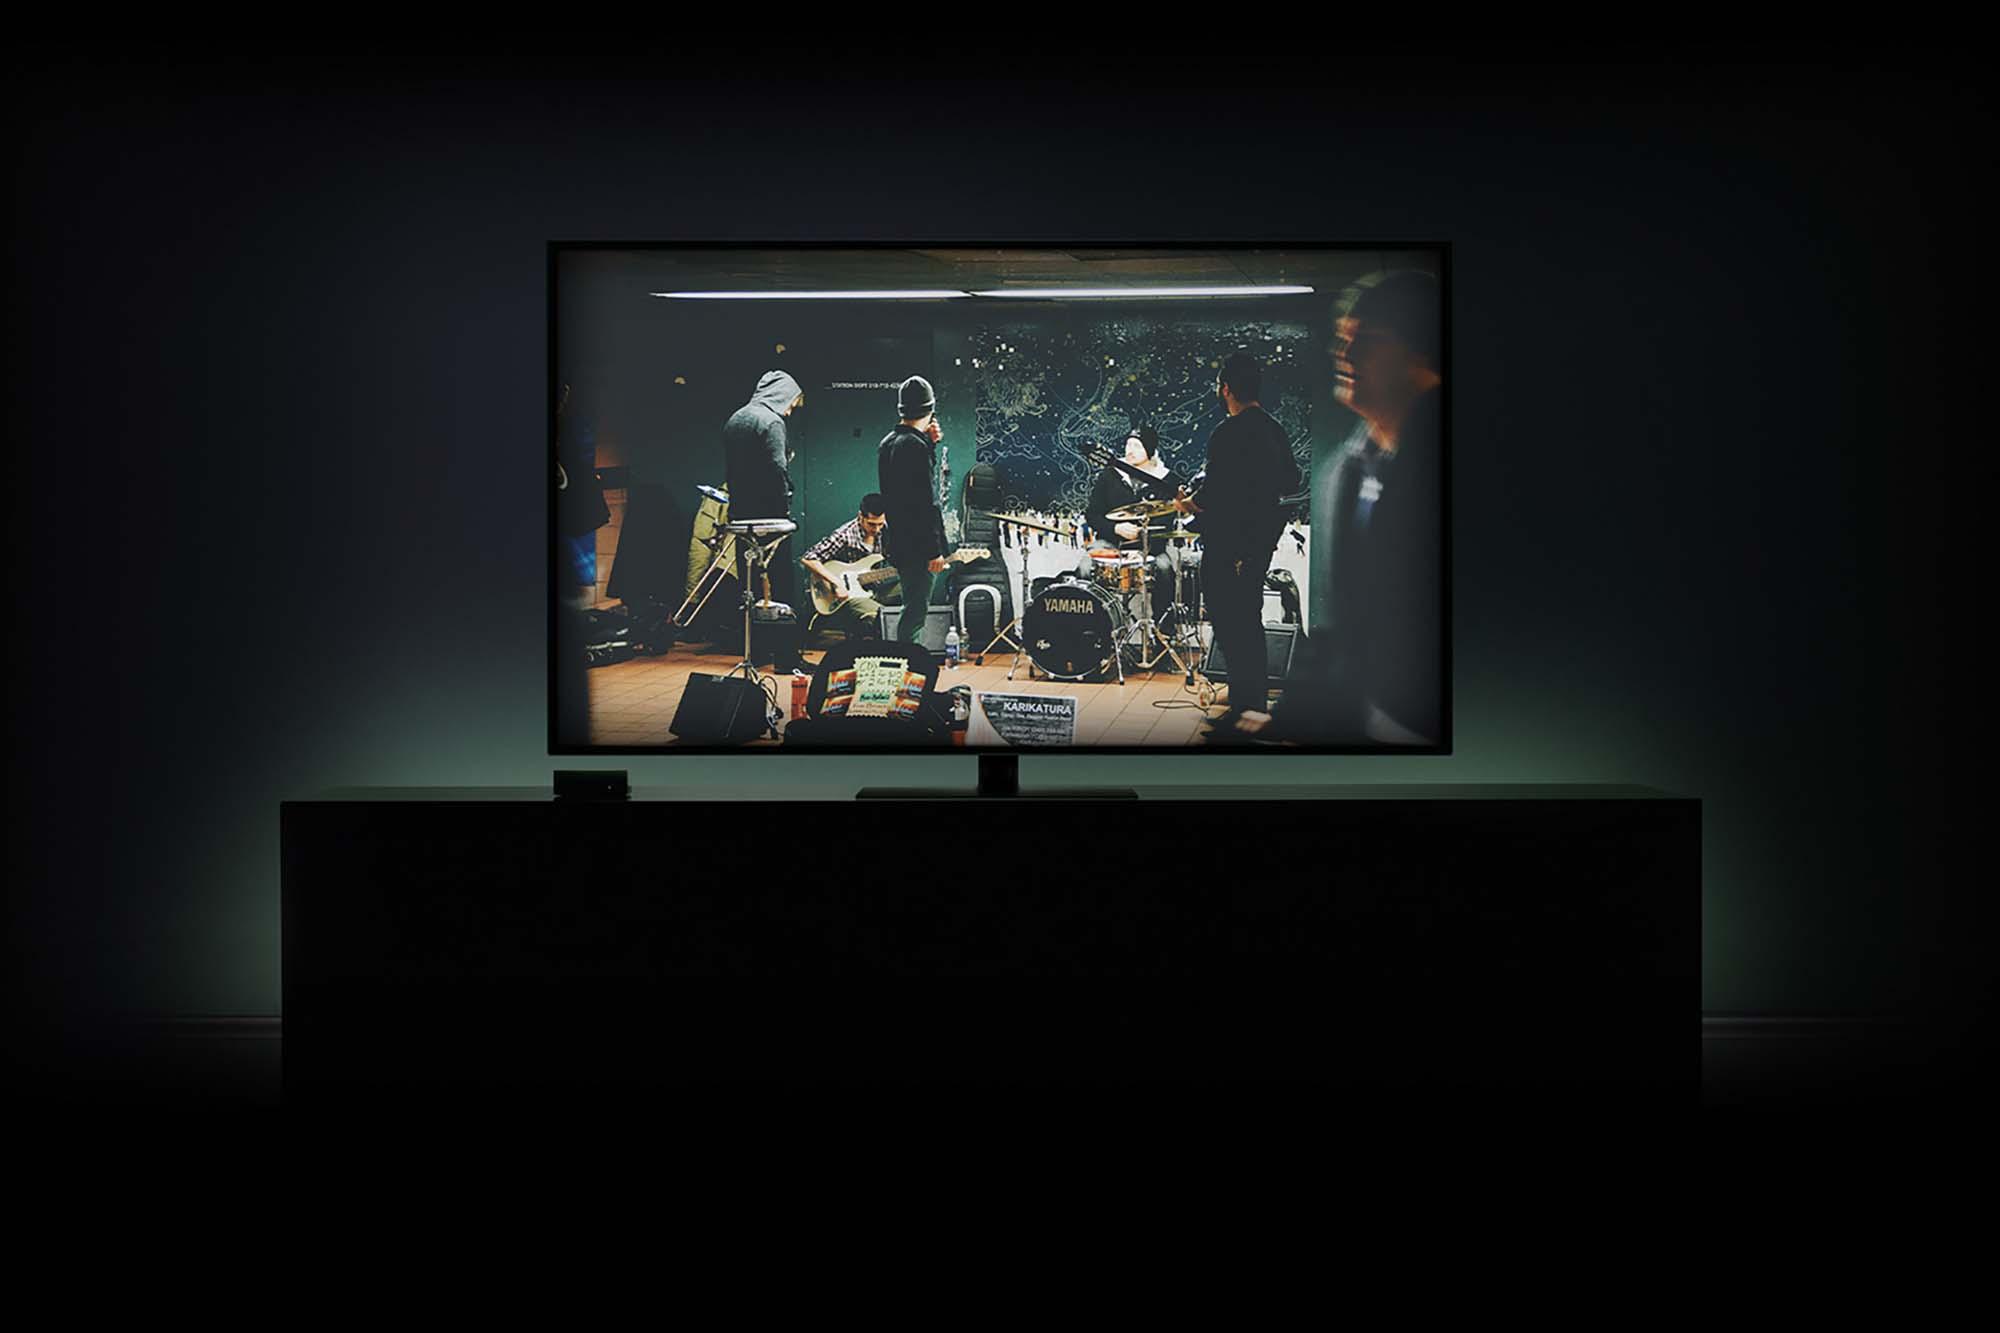 Apple TV Mockup 3